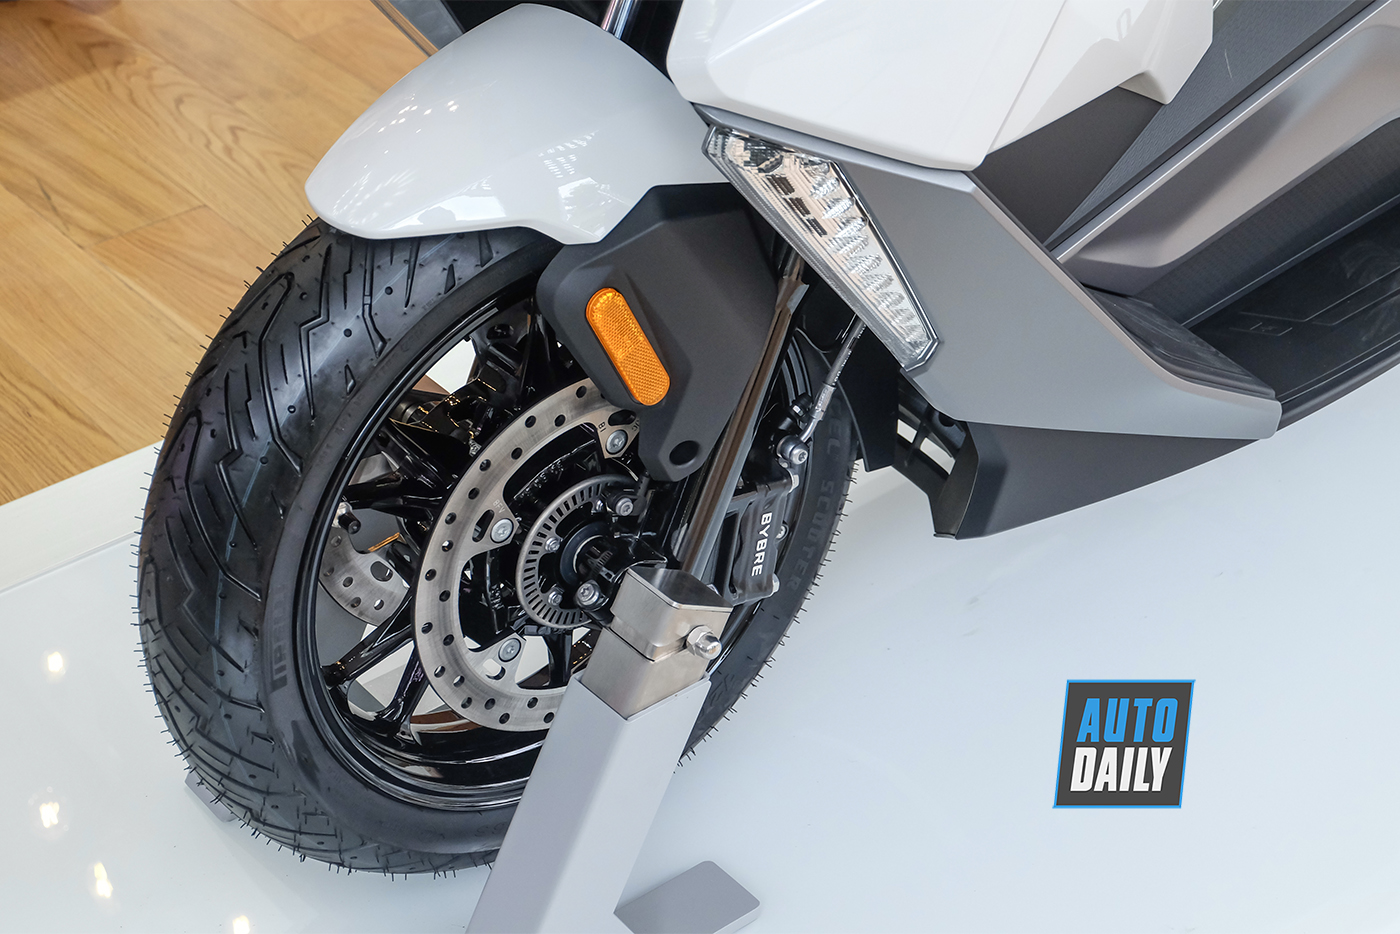 bmw-motorrad-c400gt-3.jpg